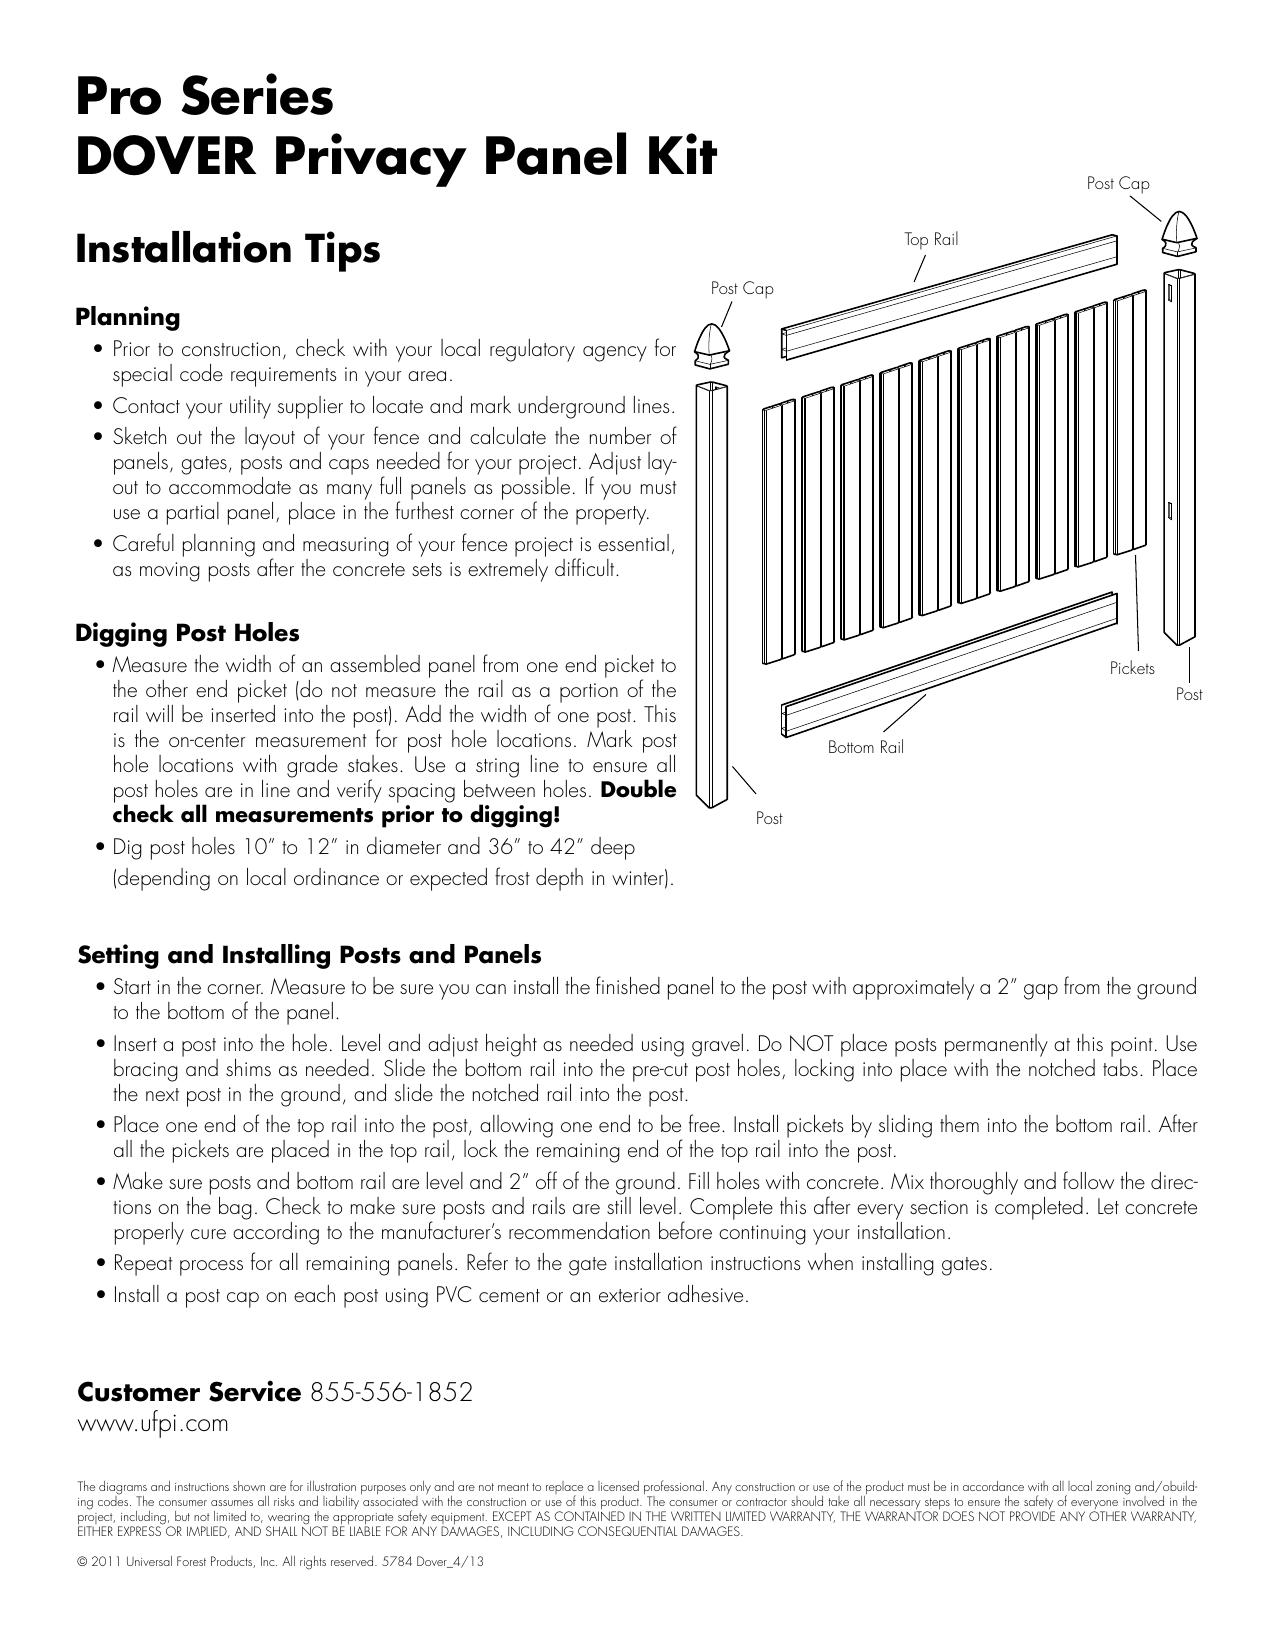 veranda 245314 5 in x 5 in x 9 ft white vinyl pro fence